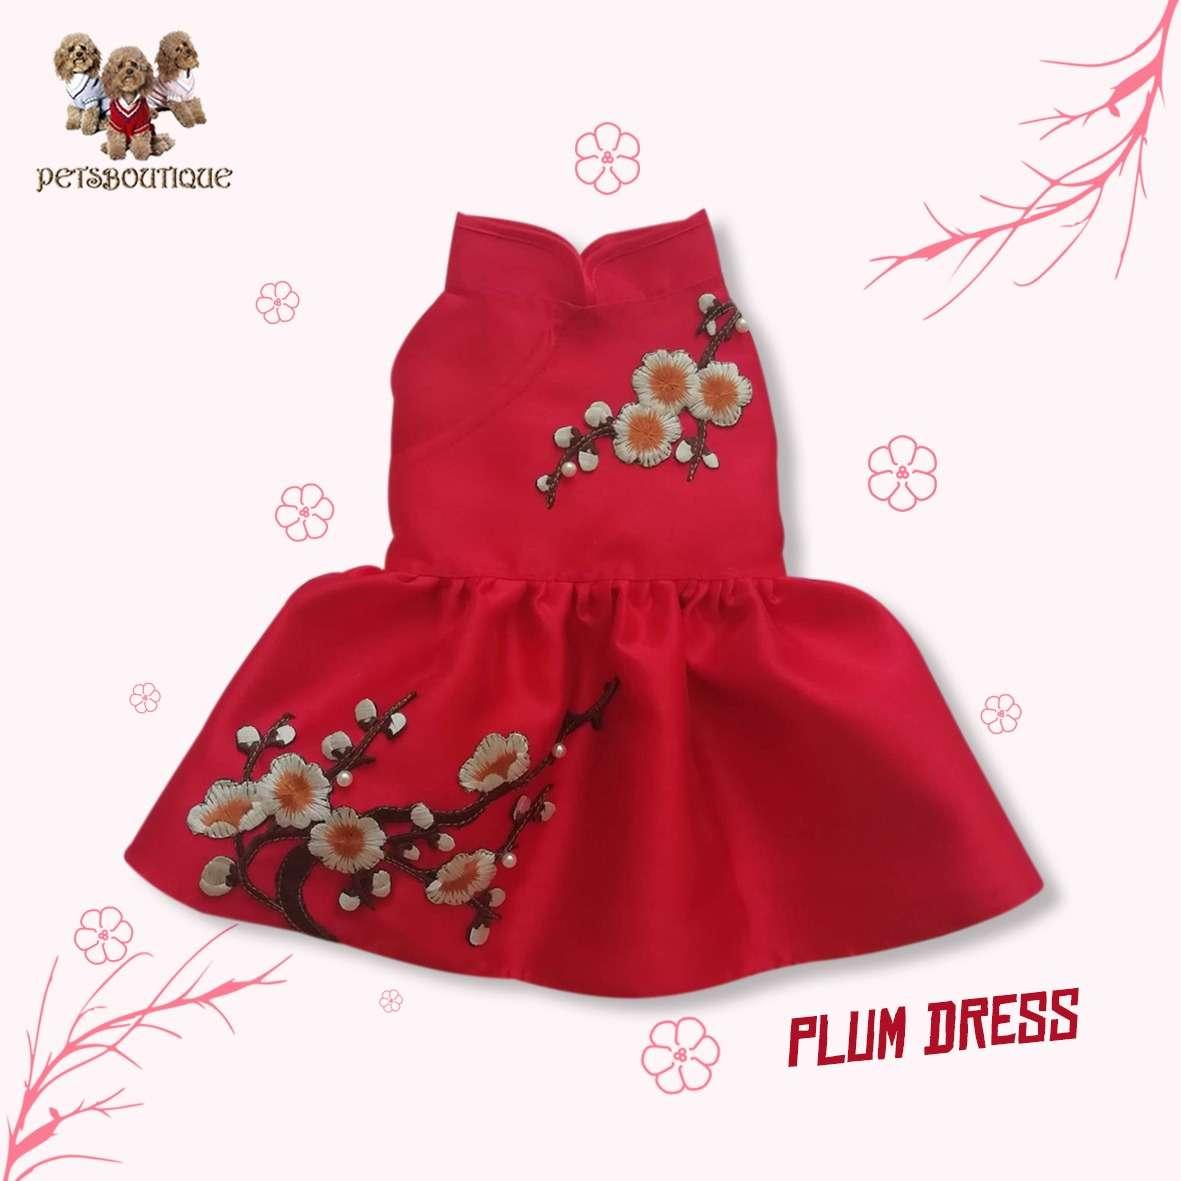 Petza - Chinese New Year Oriental - Red Plum Dress Photo